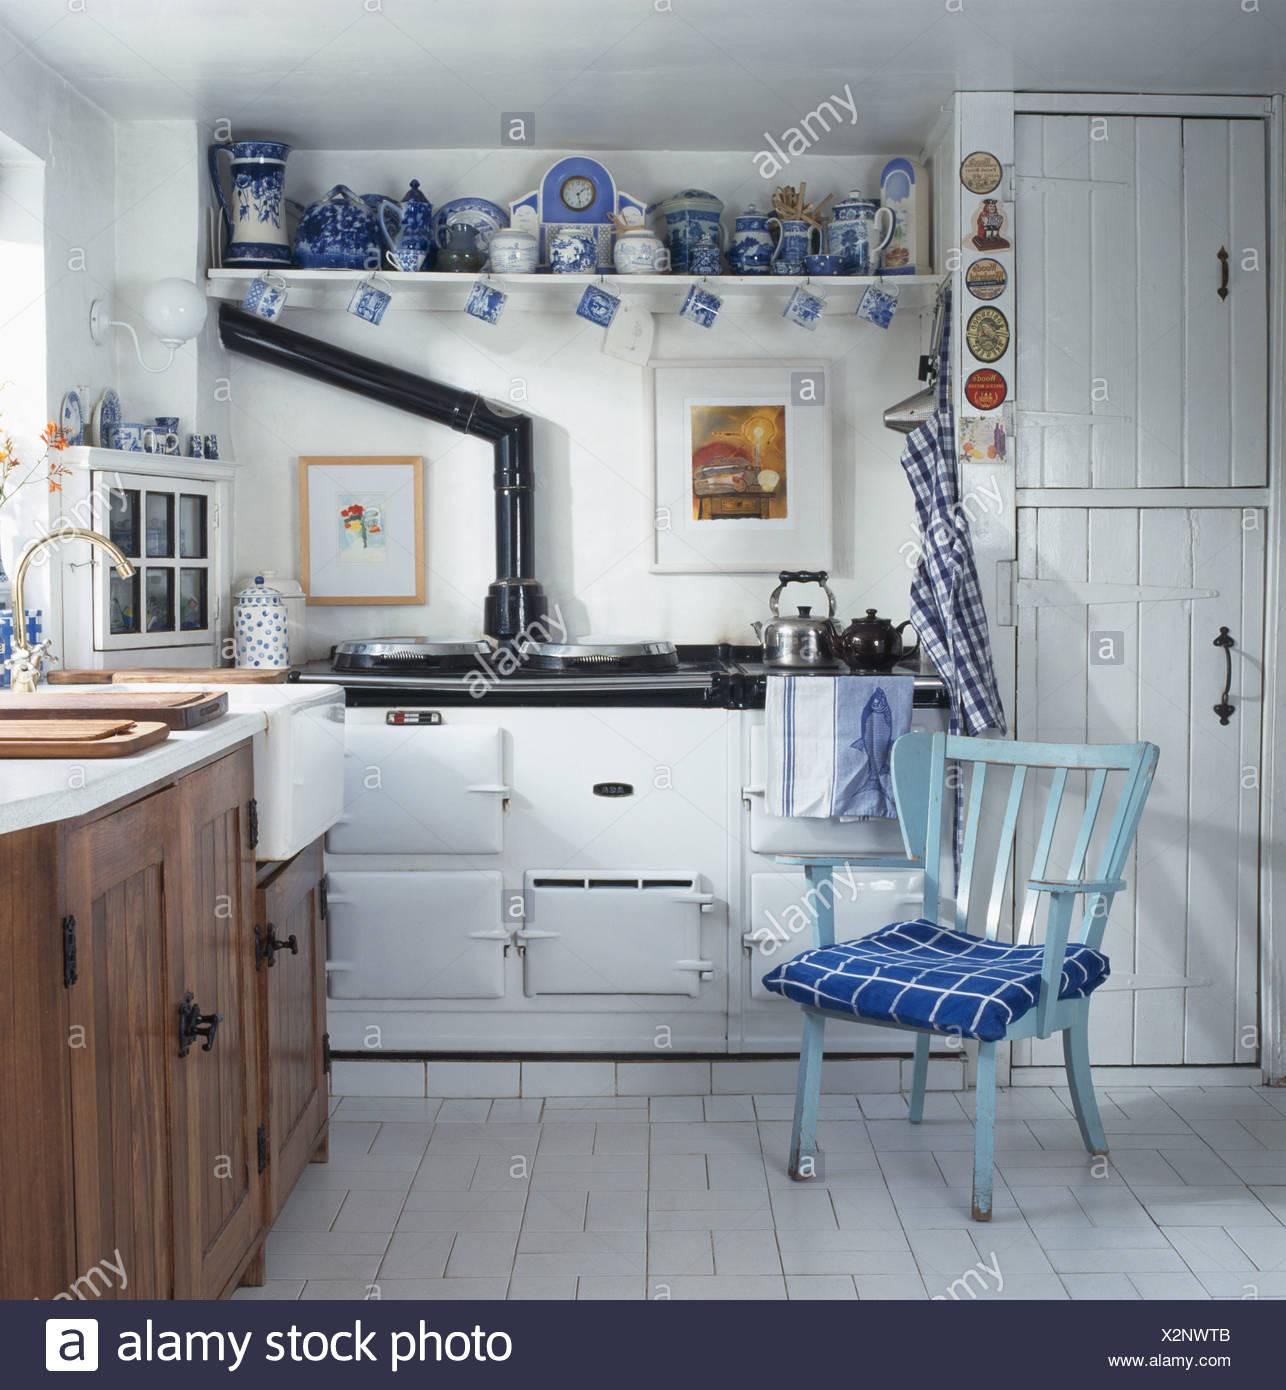 Aga Oven Stockfotos & Aga Oven Bilder - Alamy